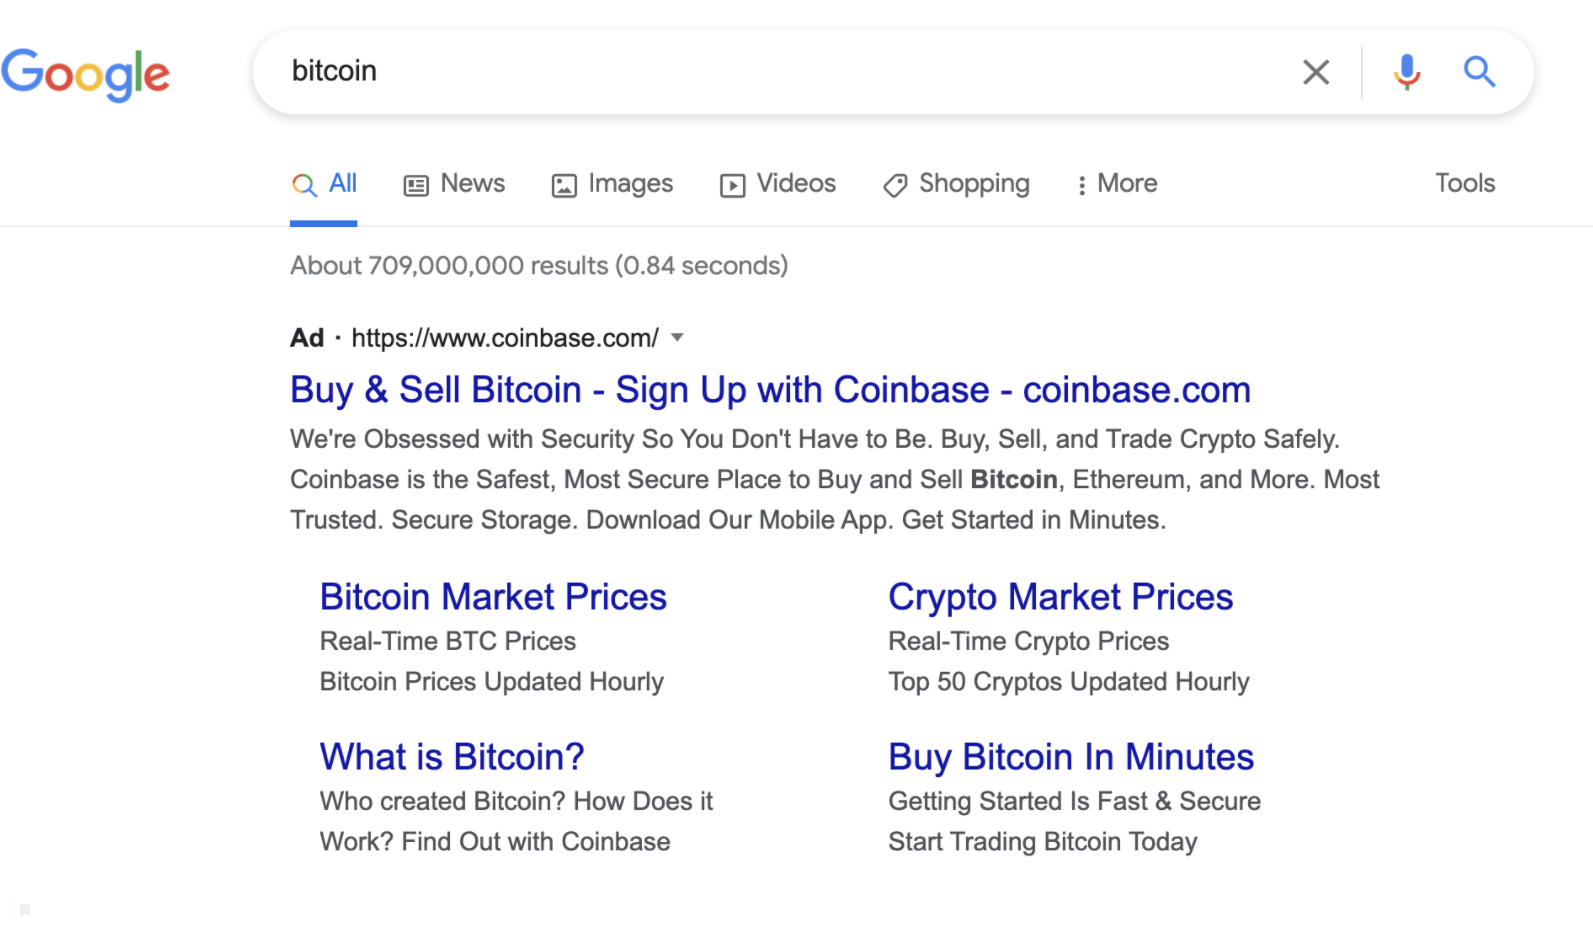 Coinbase'in Google'daki Bitcoin reklamı